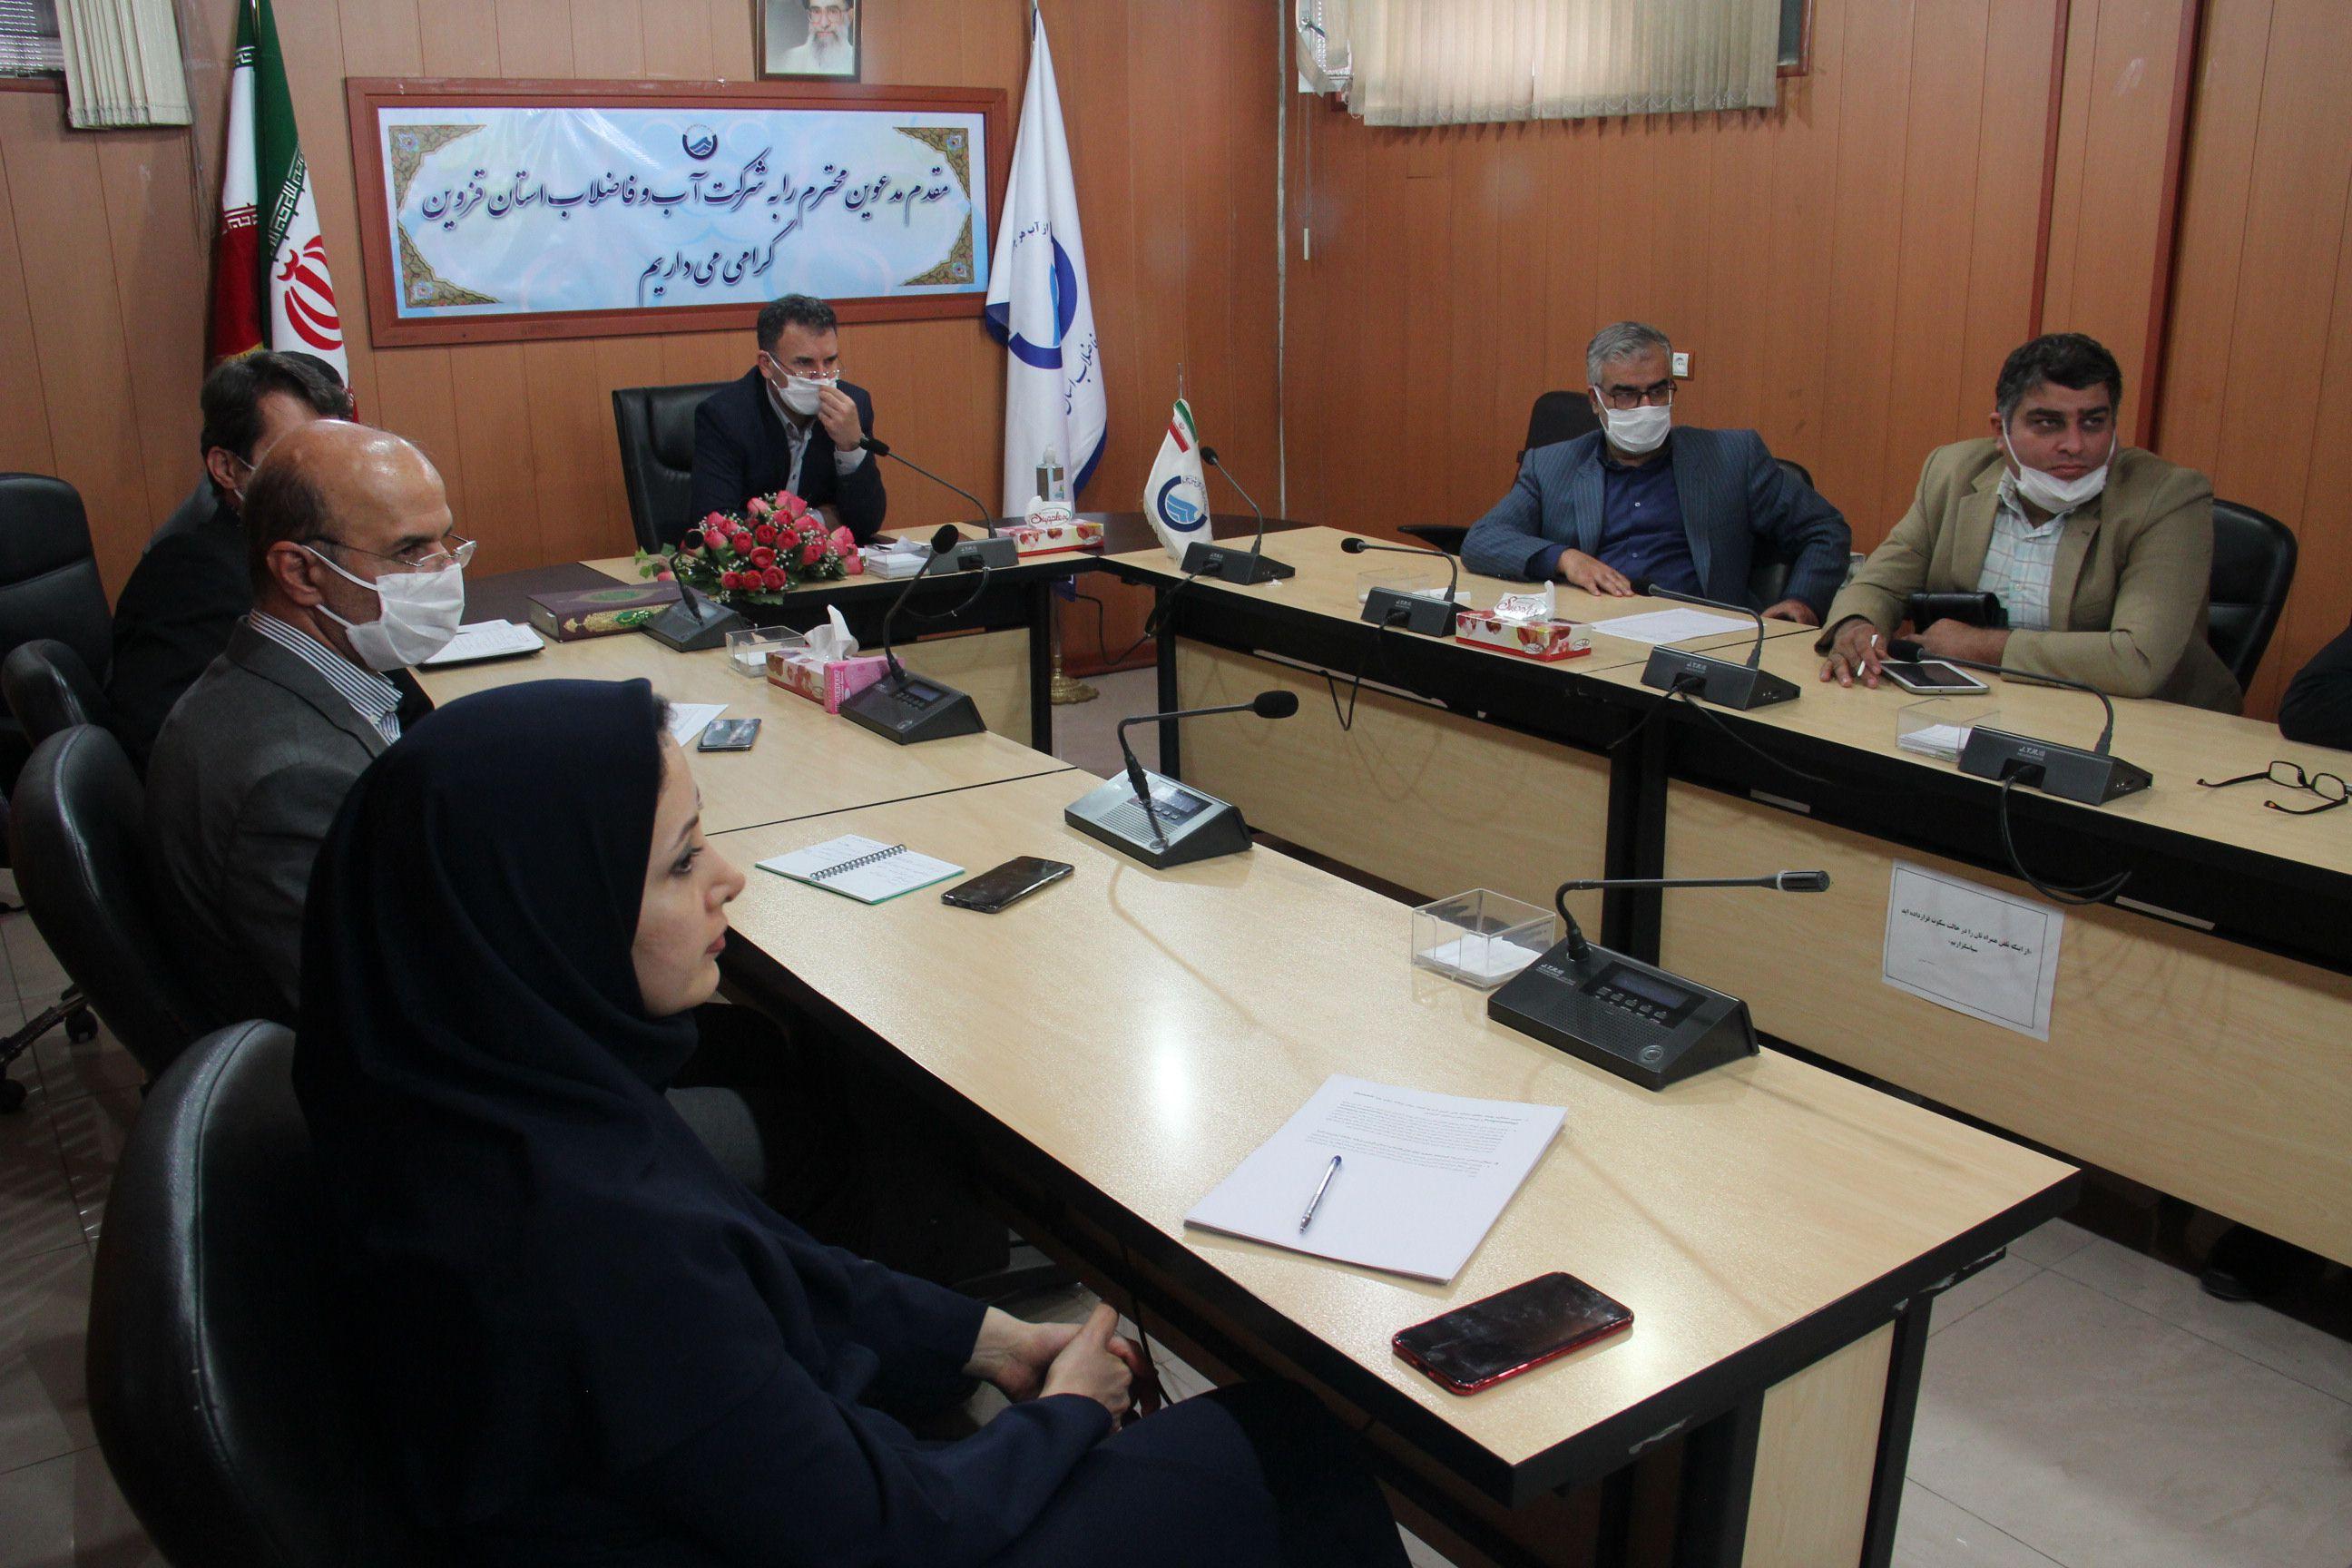 اسلایدر1 شرکت آب و فاضلاب استان قزوین